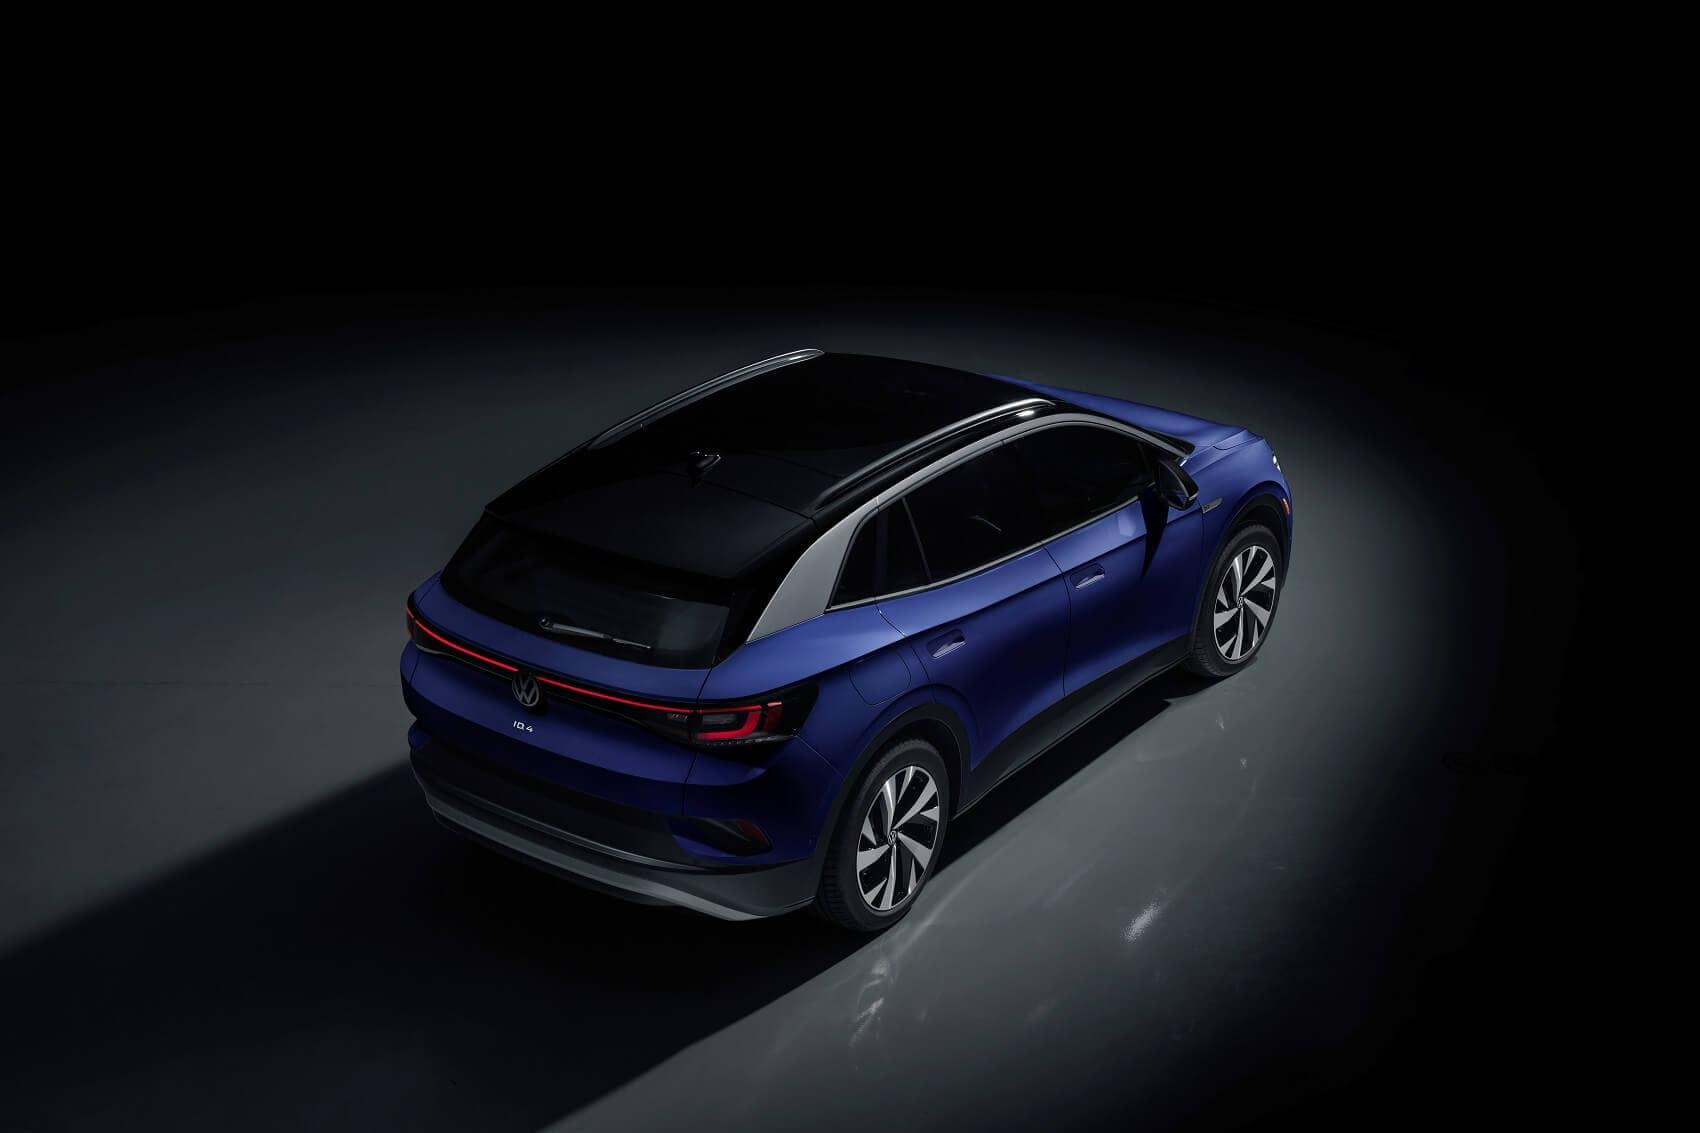 2021 Volkswagen ID.4 EV